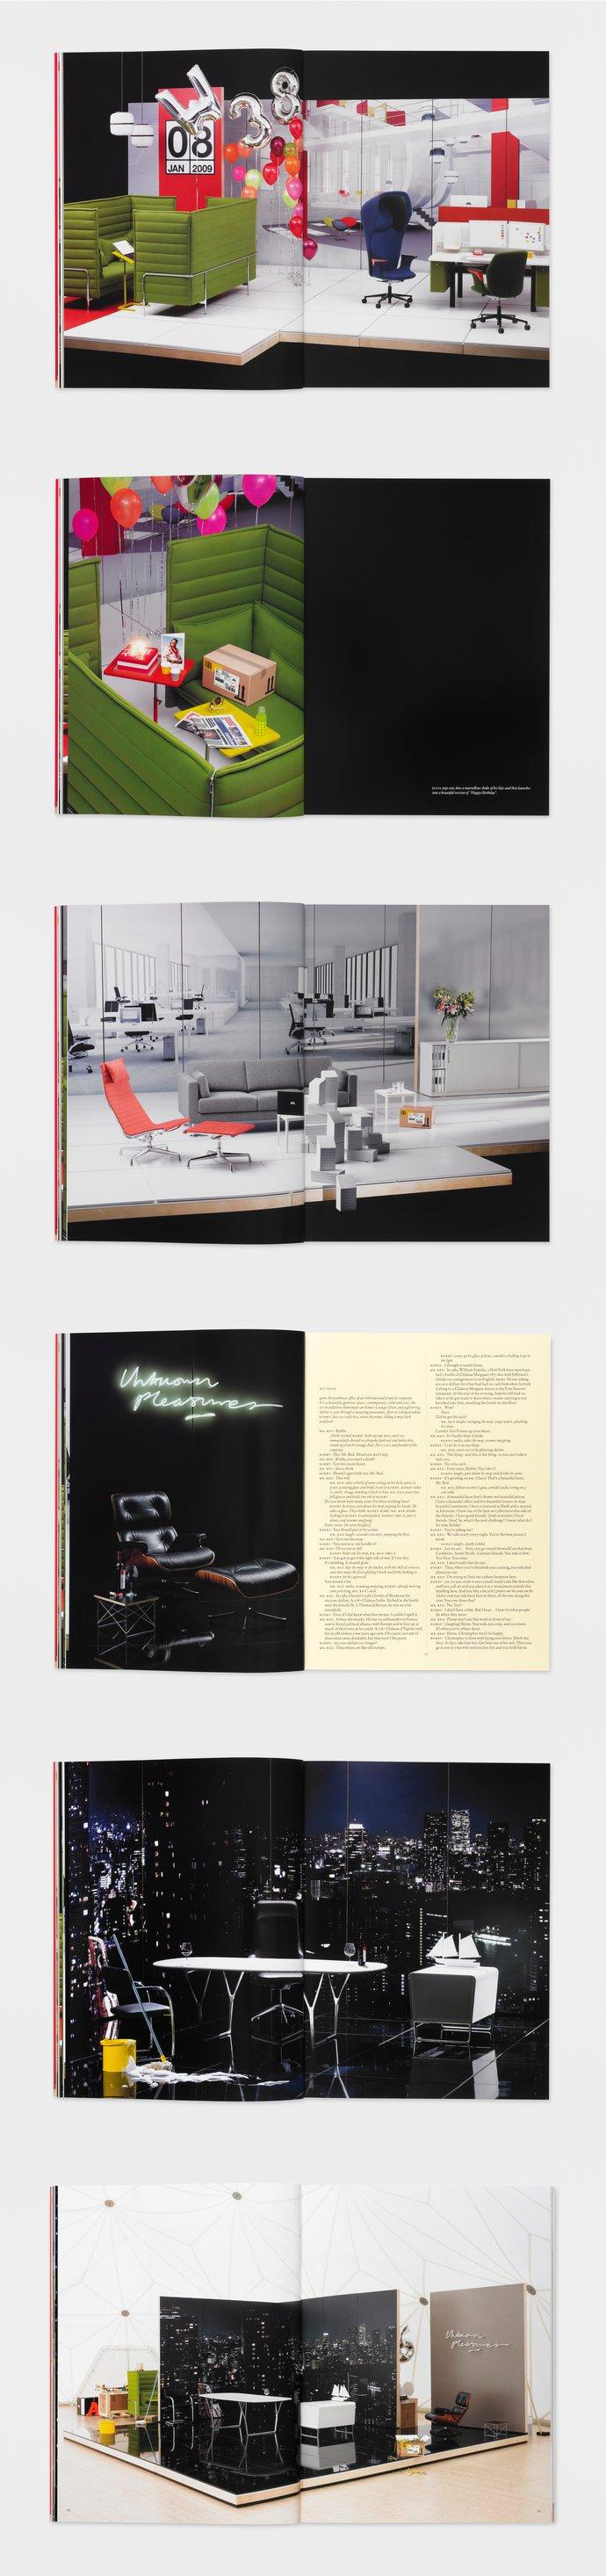 Vitra – Workspirit 11, 2008 (Publication), image 4